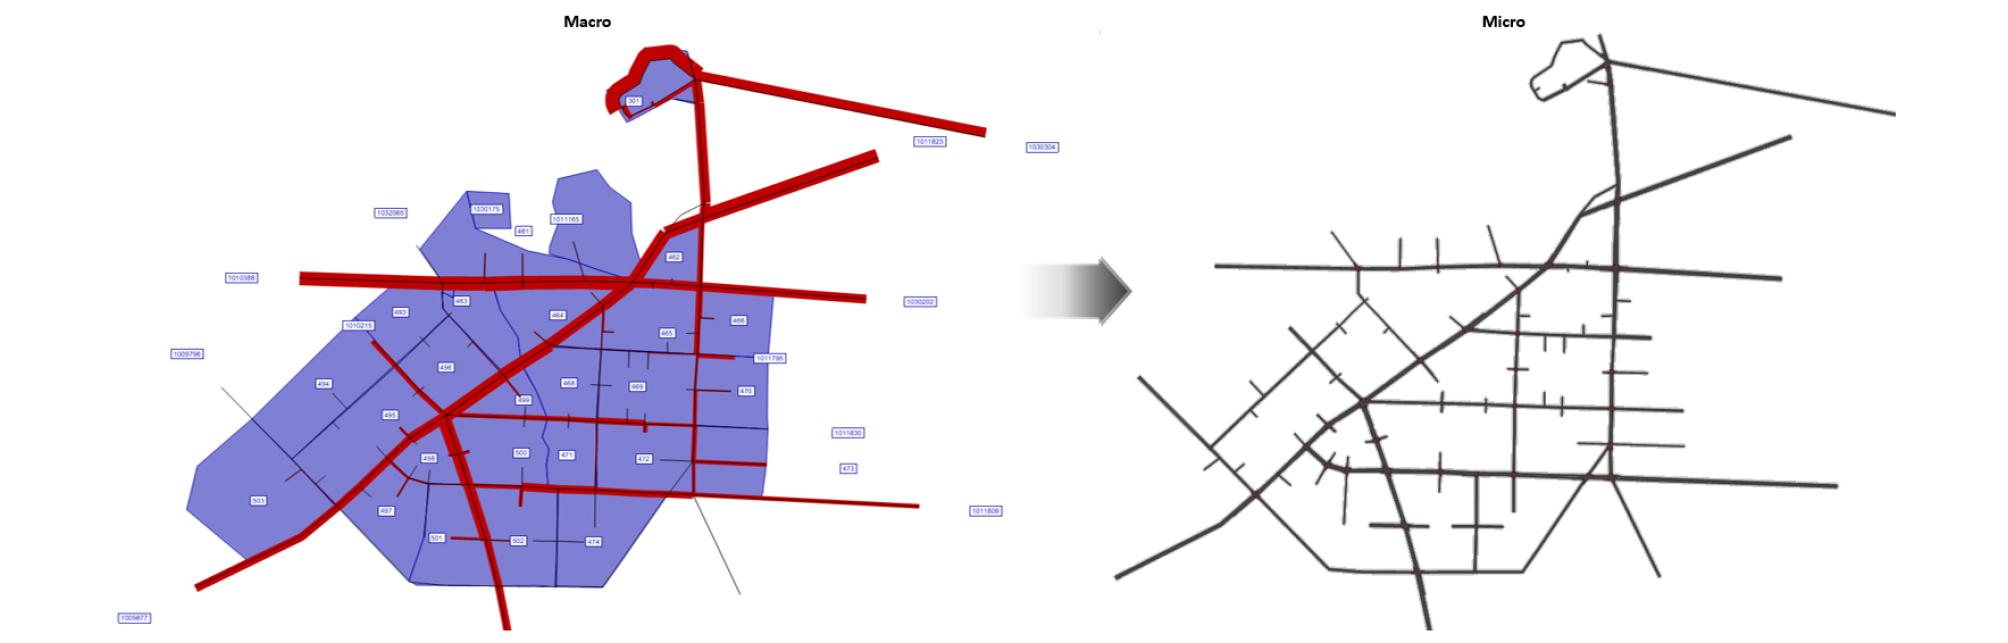 http://static.apub.kr/journalsite/sites/kst/2020-038-01/N0210380103/images/kst_38_01_03_F5.jpg